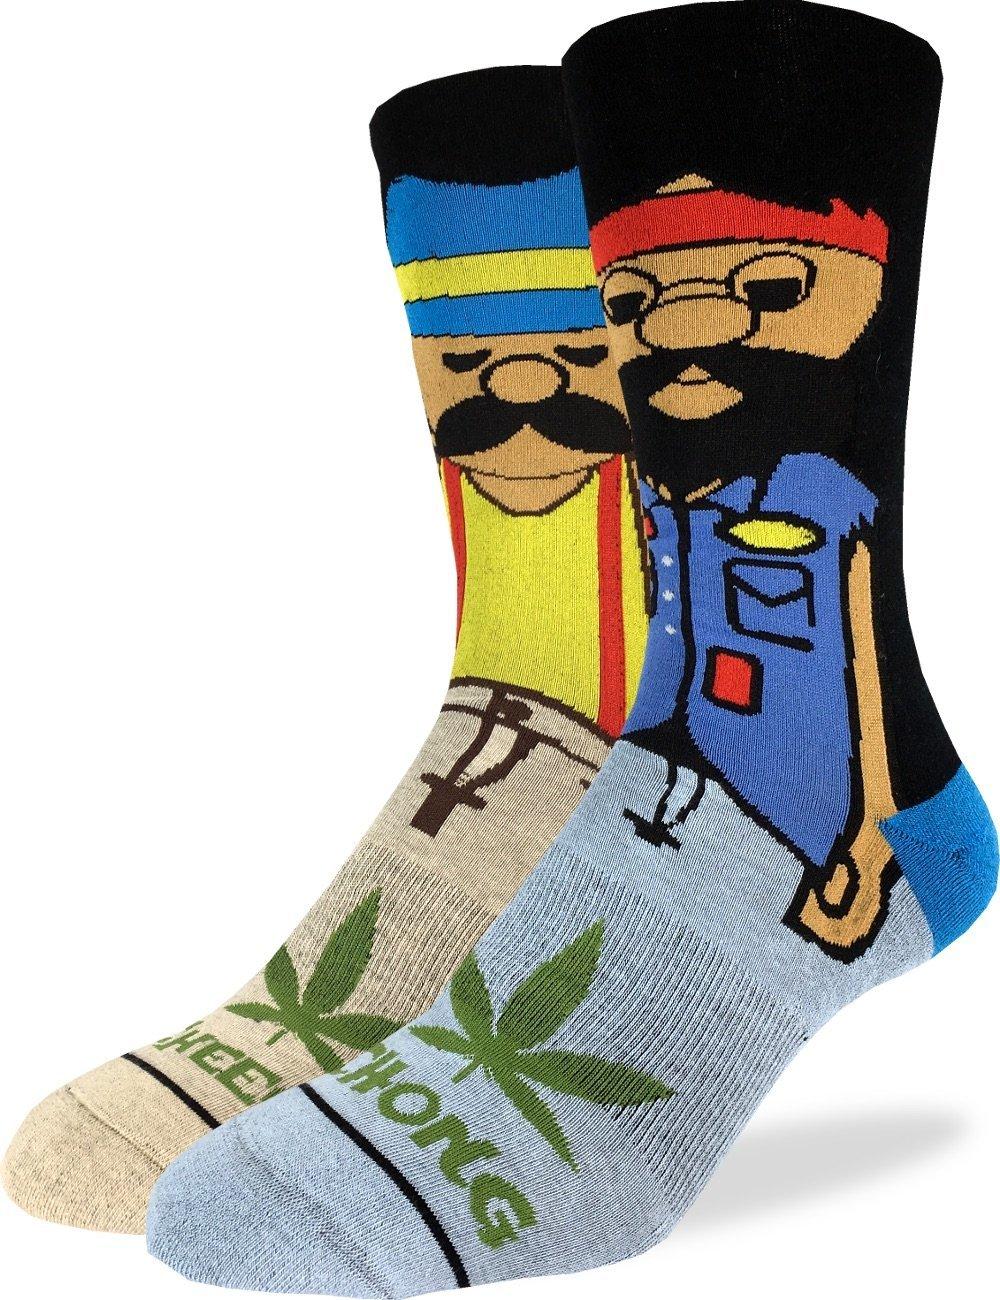 Good Luck Sock Men's Cheech & Chong Crew Socks – Shoe Size 8-13